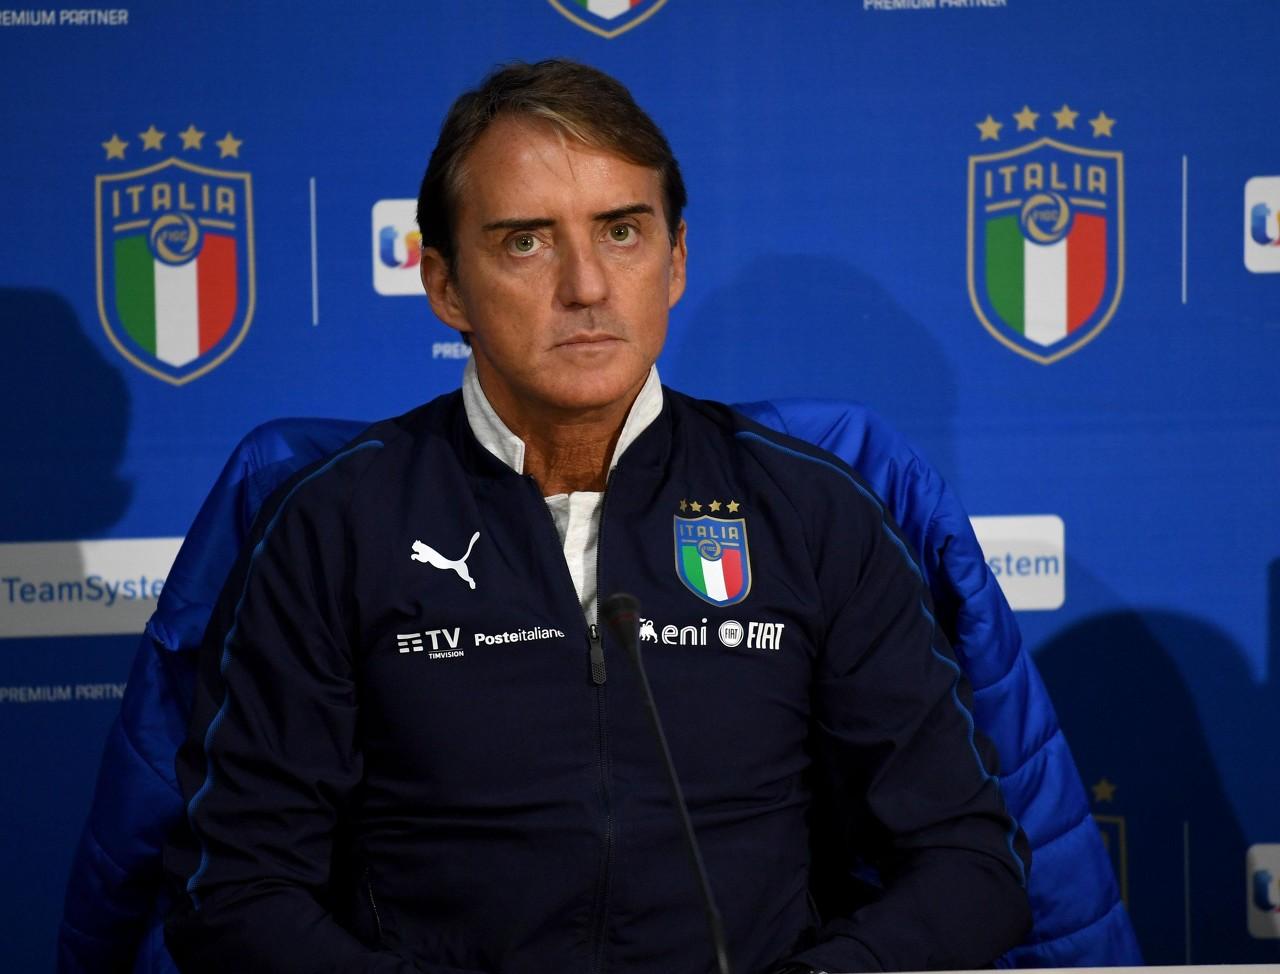 人员选择丰富、青年俊才辈出-曼奇尼让意大利重新感到骄傲